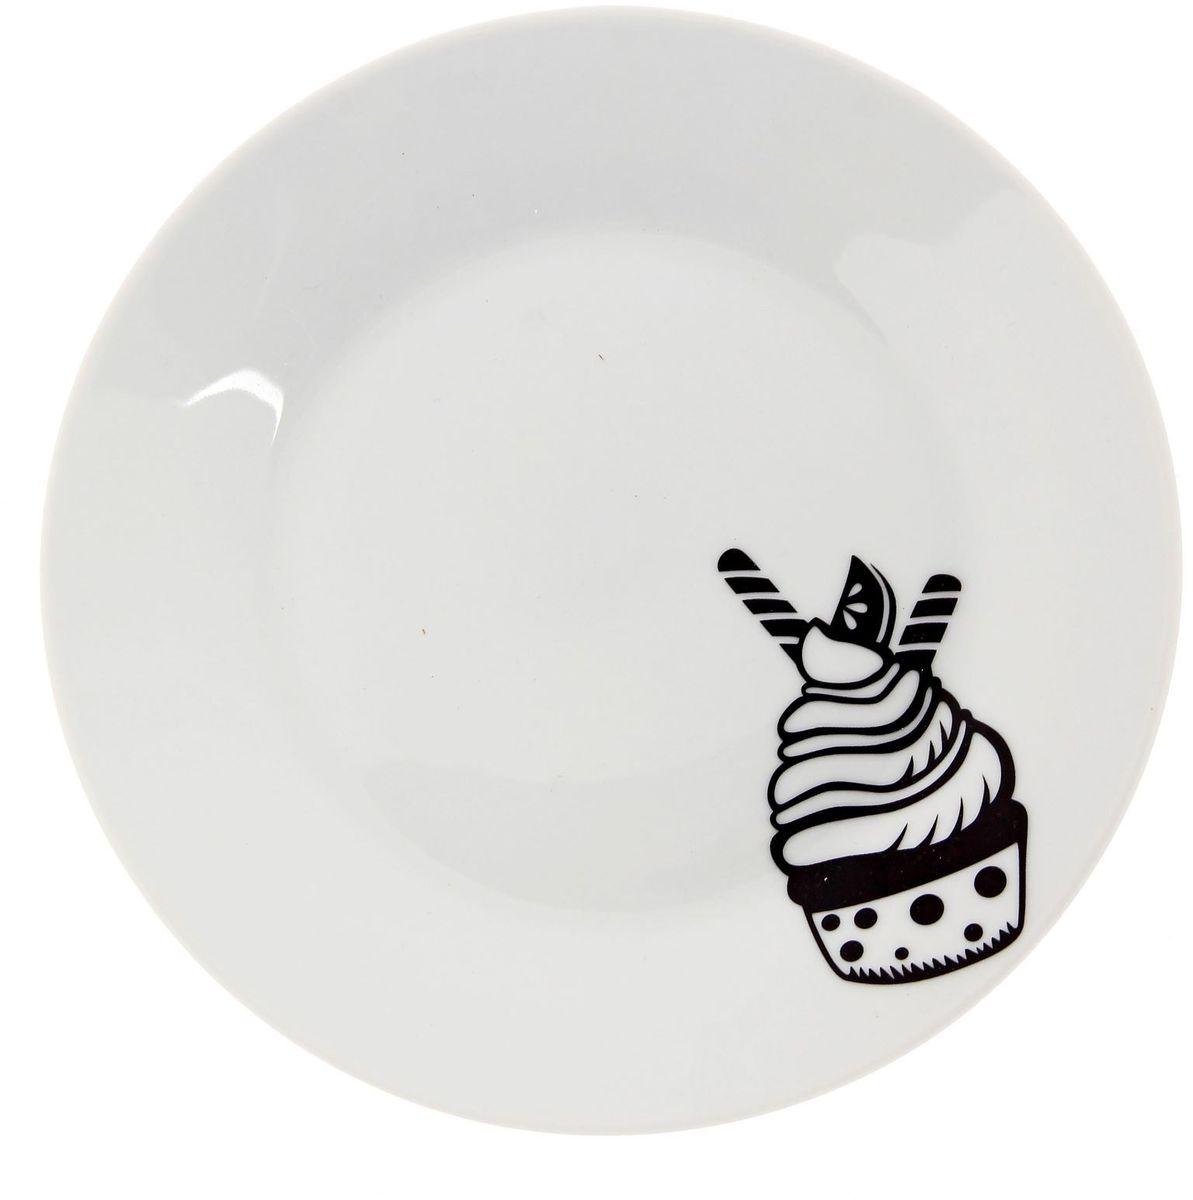 Тарелка мелкая Сотвори чудо Маффин, диаметр 20 смVT-1520(SR)Хотите обновить интерьер кухни или гостиной? Устраиваете необычную фотосессию или тематический праздник? А может, просто ищете подарок для близкого человека? Посуда Сотвори Чудо — правильный выбор в любой ситуации. Тарелка Сотвори Чудо, изготовленная из изящного фаянса нежного сливочного цвета, оформлена оригинальным рисунком со стойкой краской. Пригодна для посудомоечной машины.